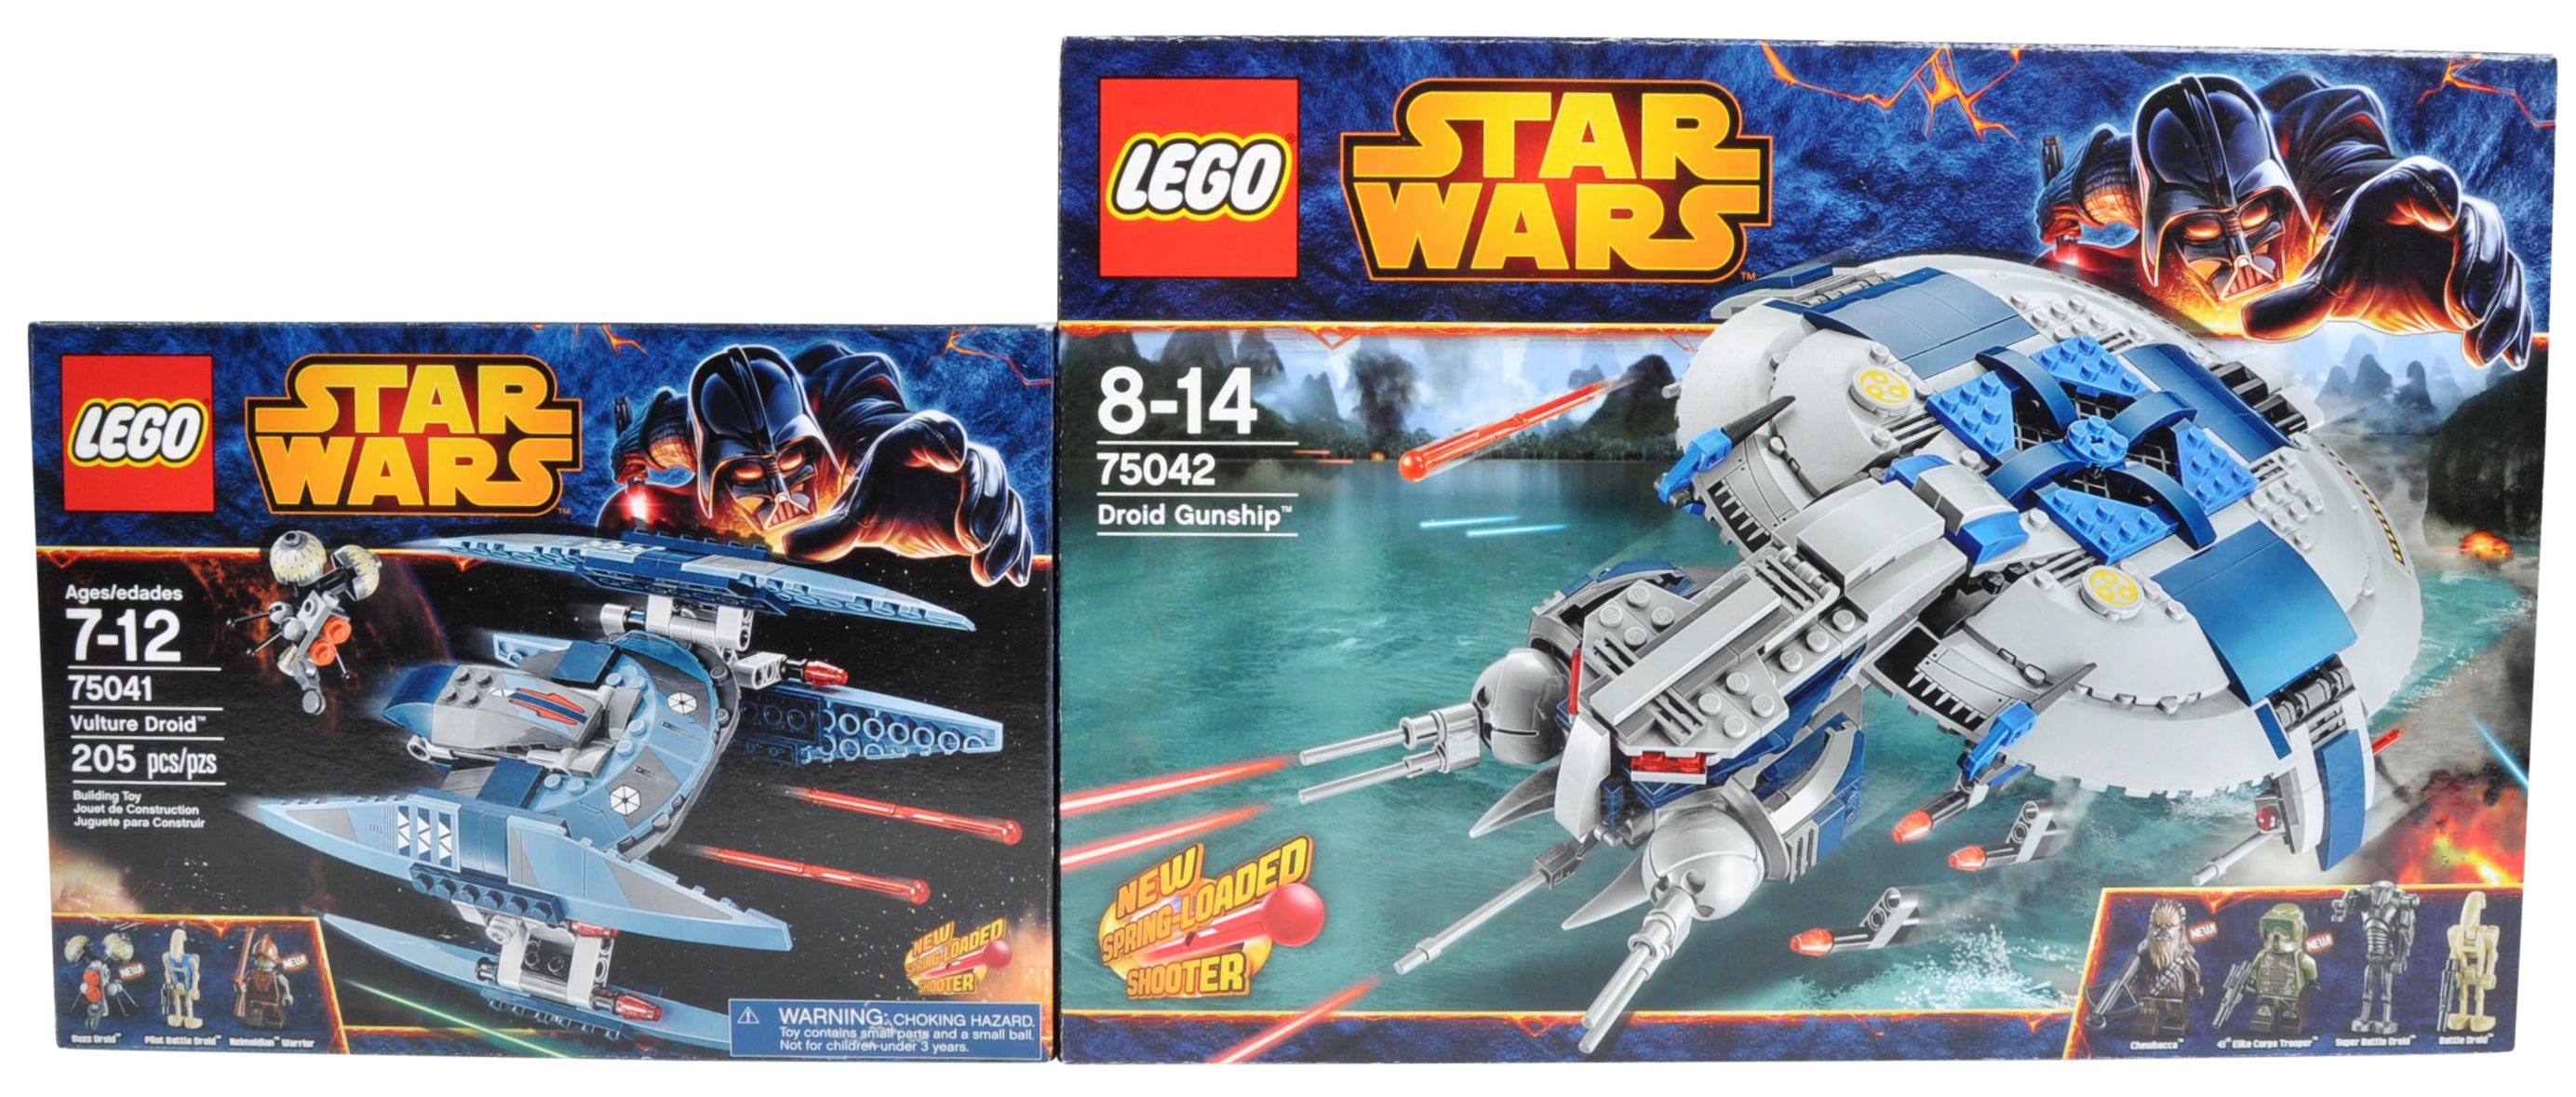 LEGO SETS - LEGO STAR WARS - 75041 / 75042